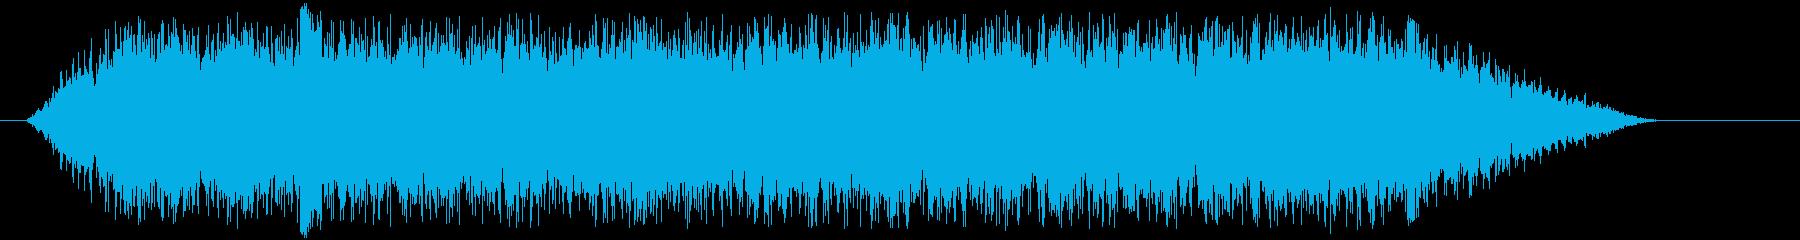 Bus騒-アニメーション-スペインの再生済みの波形